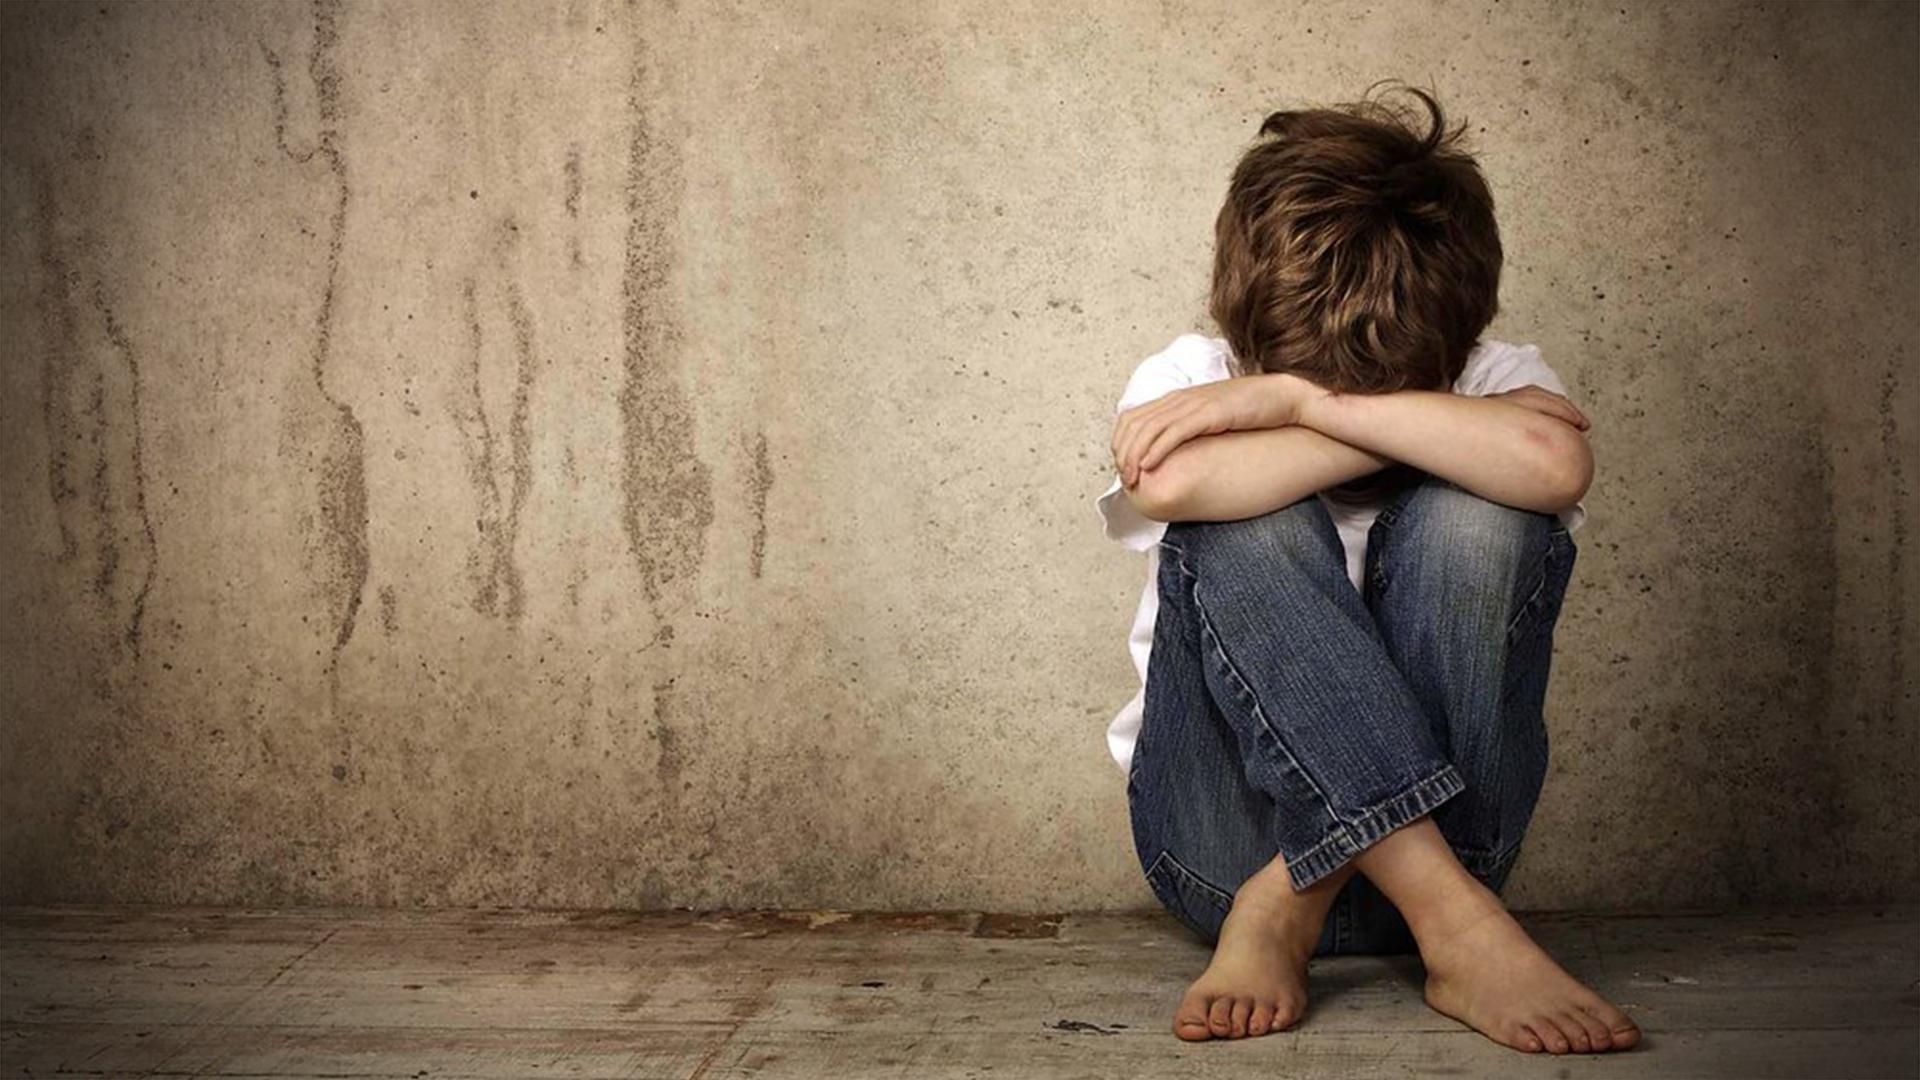 """لبناني يعتدي """"جنسياً"""" على طفل سوري لاجئ في لبنان ويهينه والسلطات اللبنانية تصدر بياناً"""